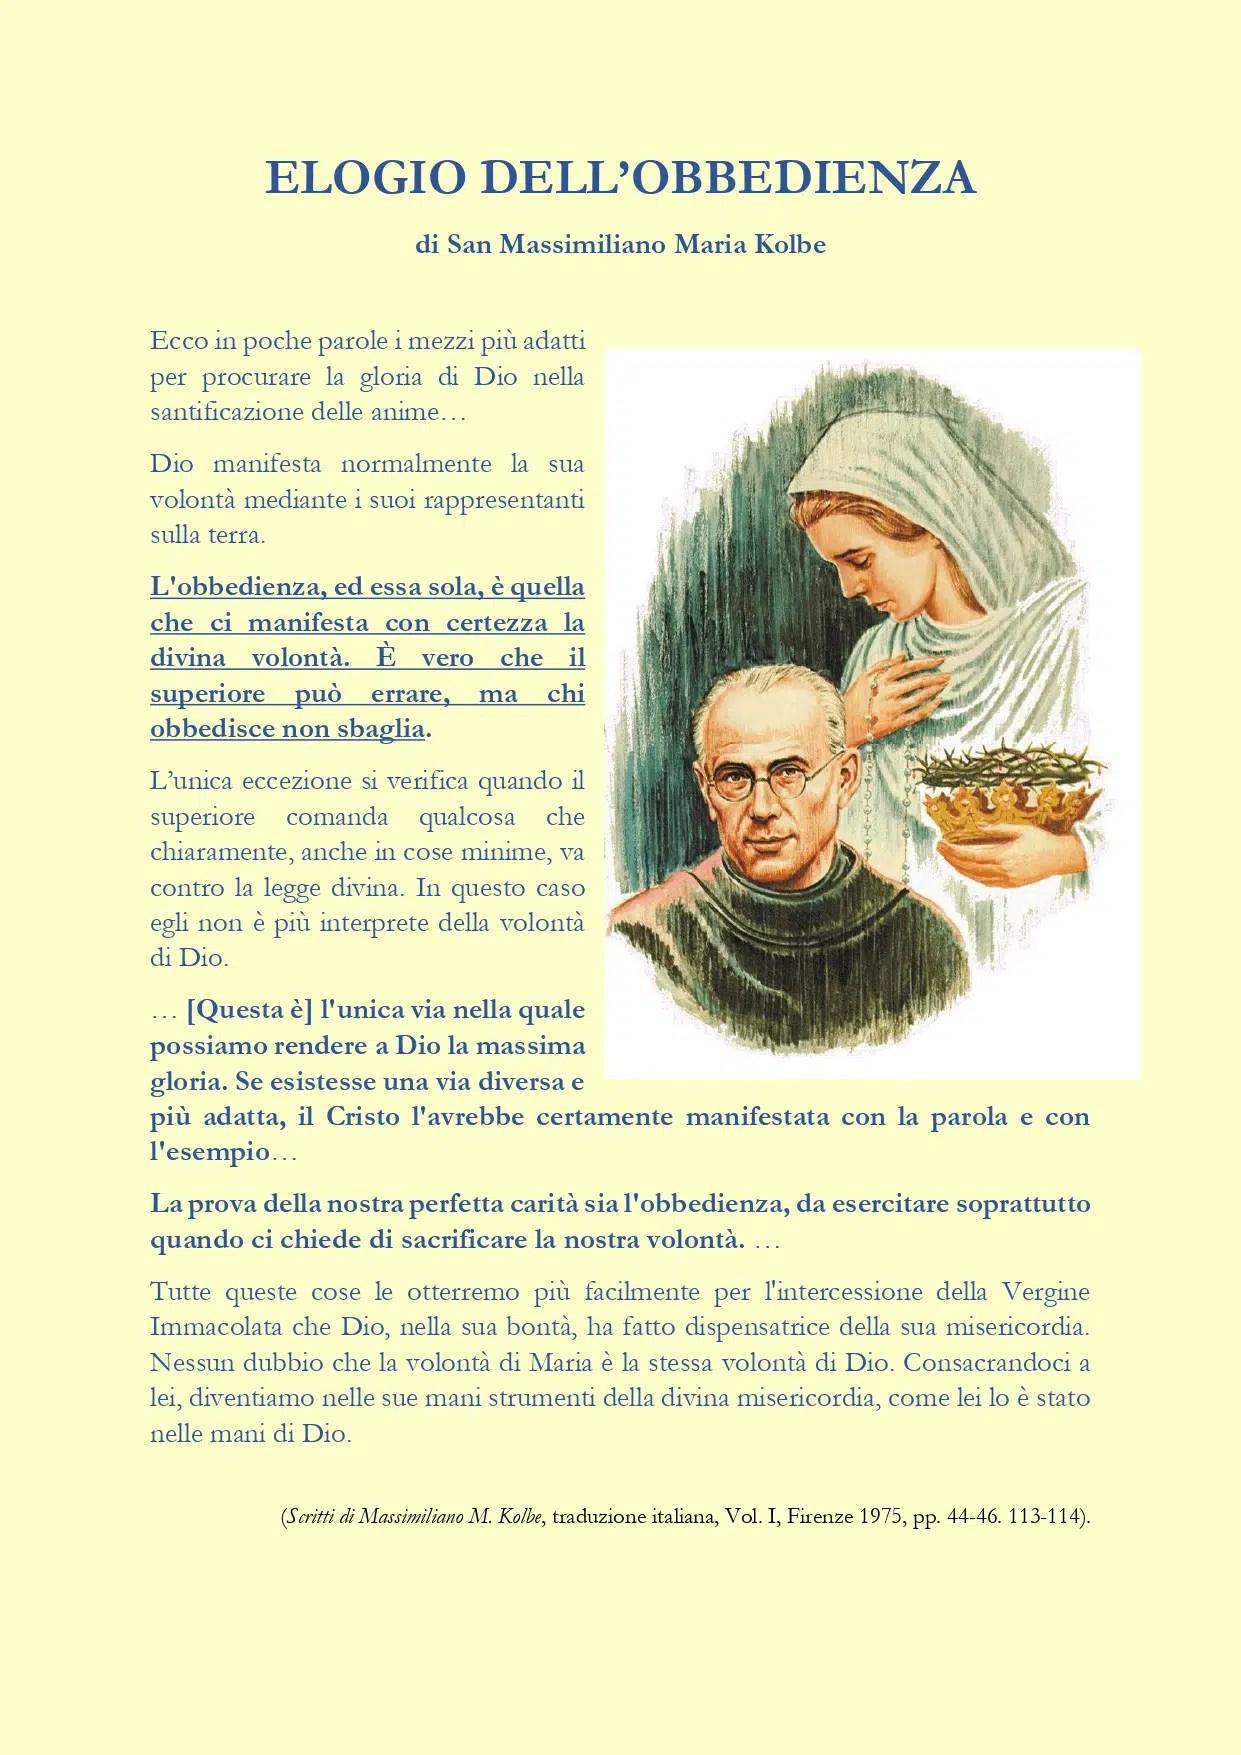 """Read more about the article """"Chi obbedisce non sbaglia"""" San Massimiliano Maria Kolbe"""